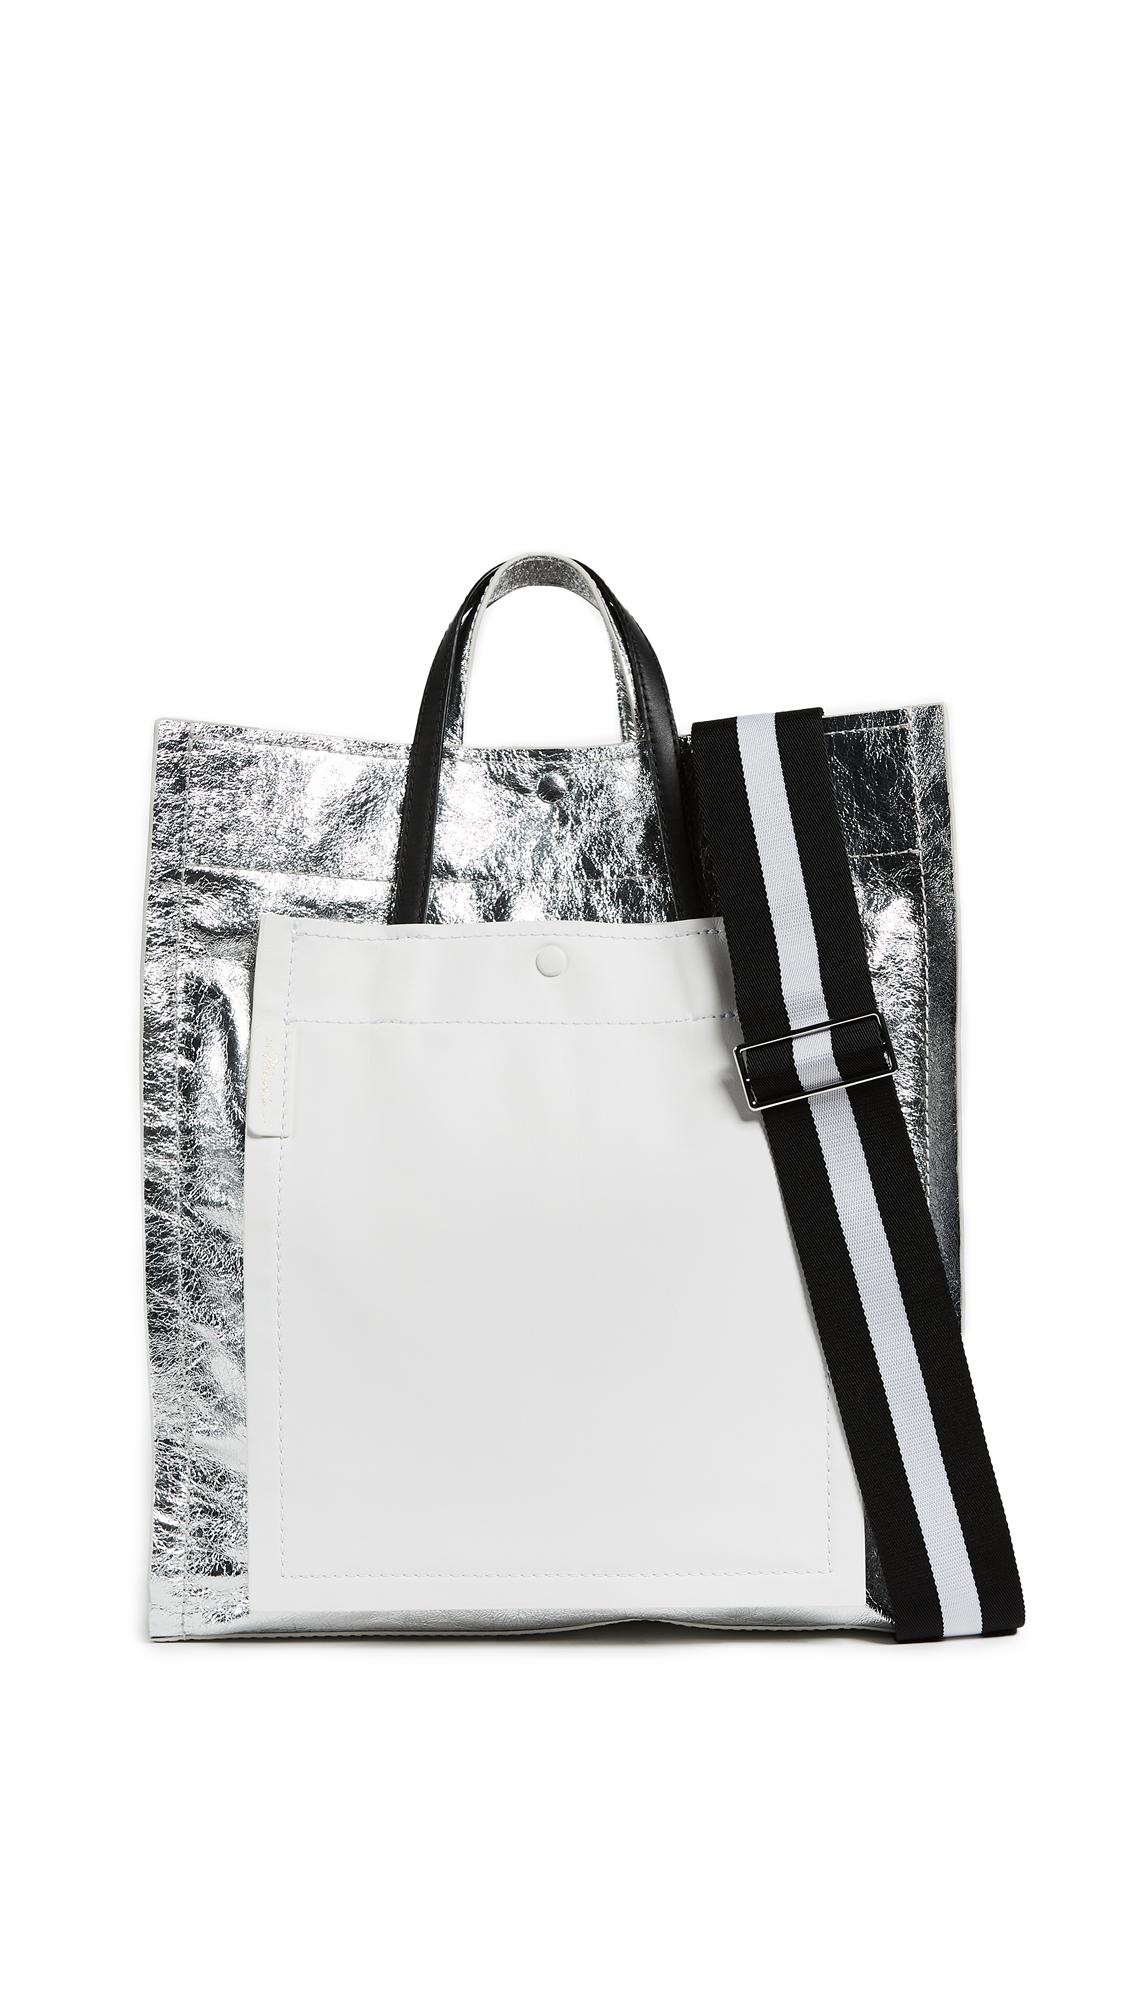 3.1 Phillip Lim Accordion Shopper - Silver